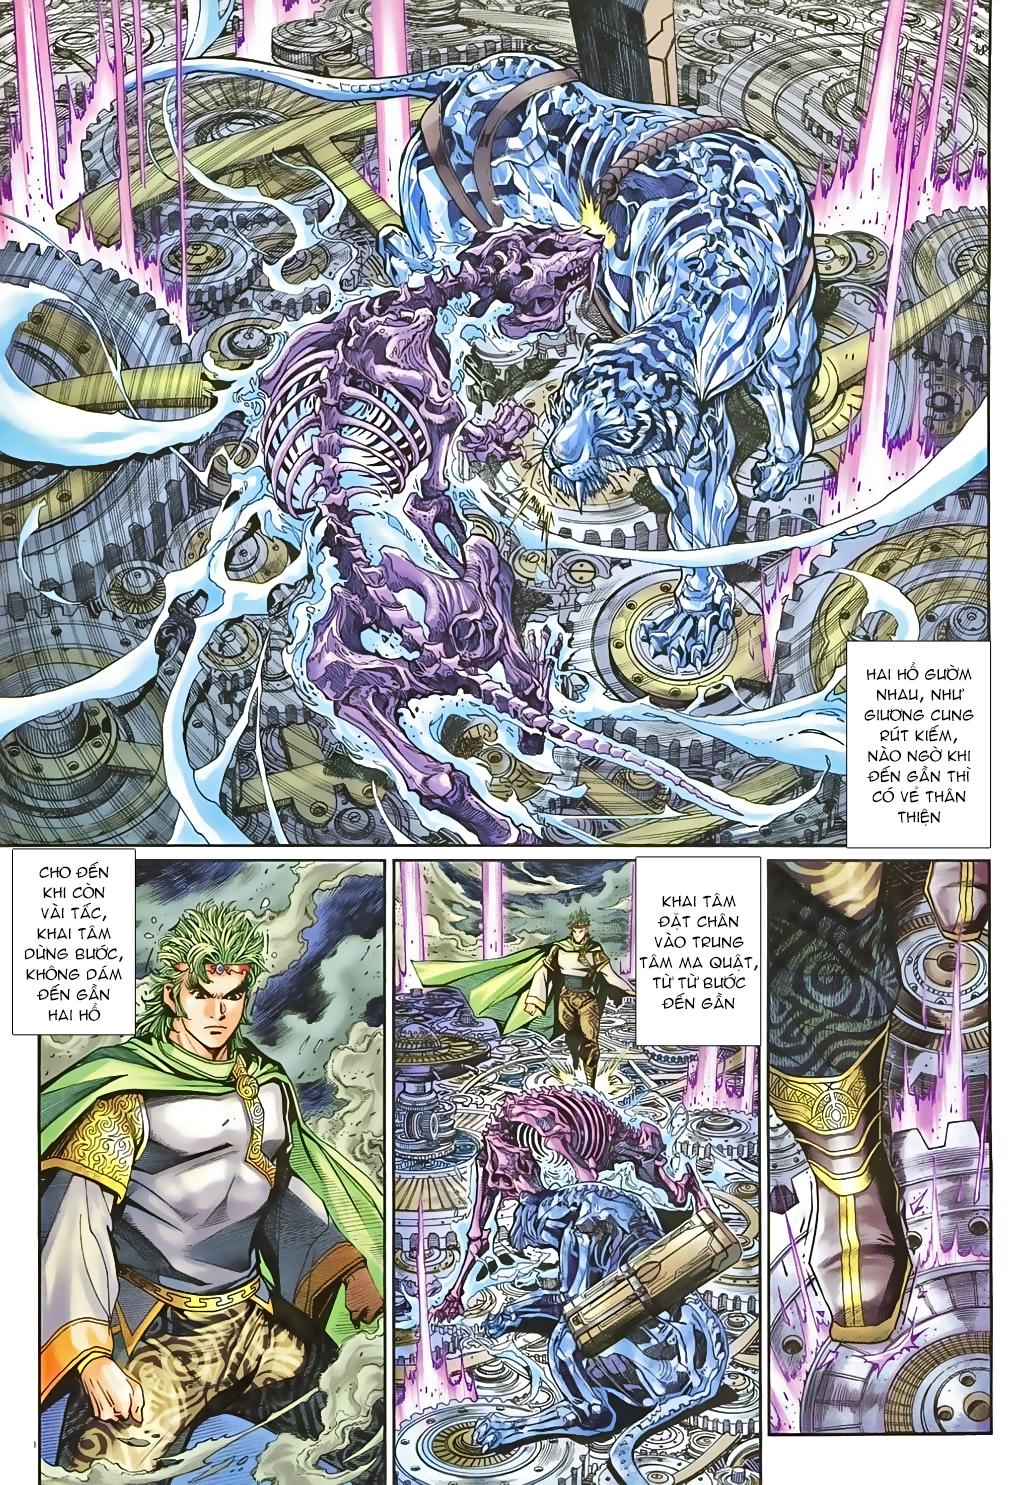 Thần binh huyền kỳ 3 - 3.5 tập 81 - 2